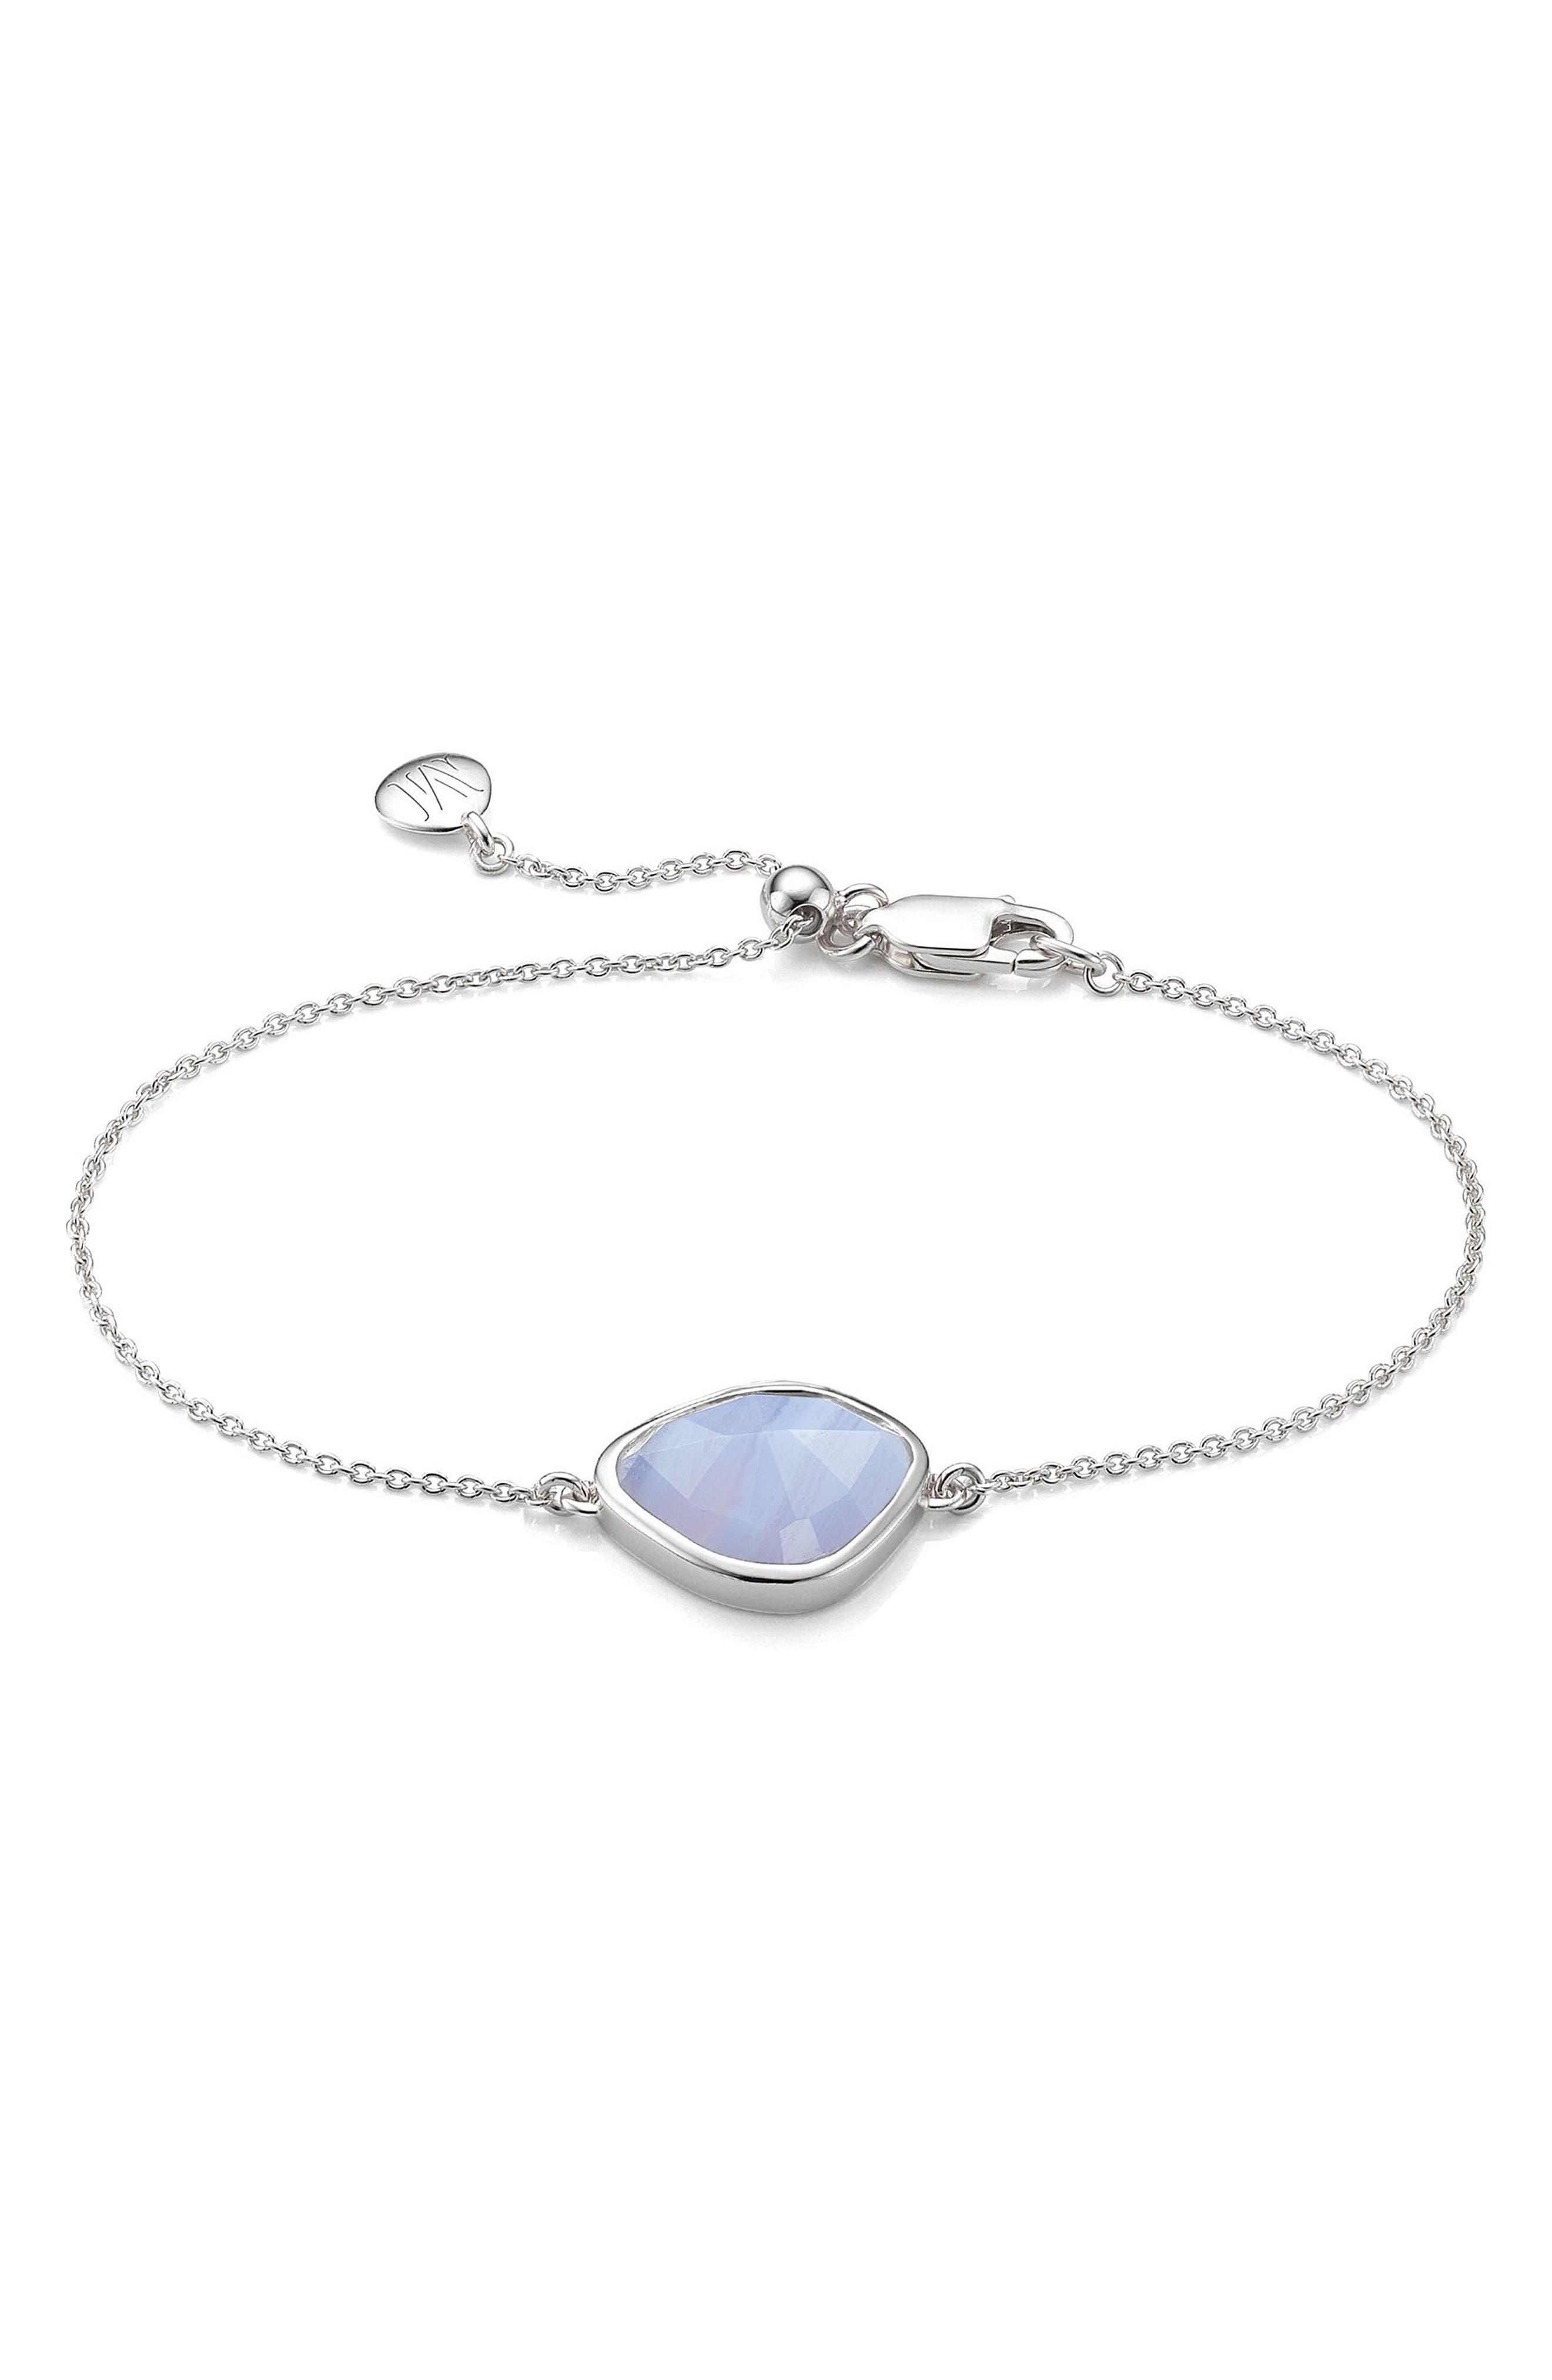 Siren Nugget Bracelet,                             Main thumbnail 1, color,                             040